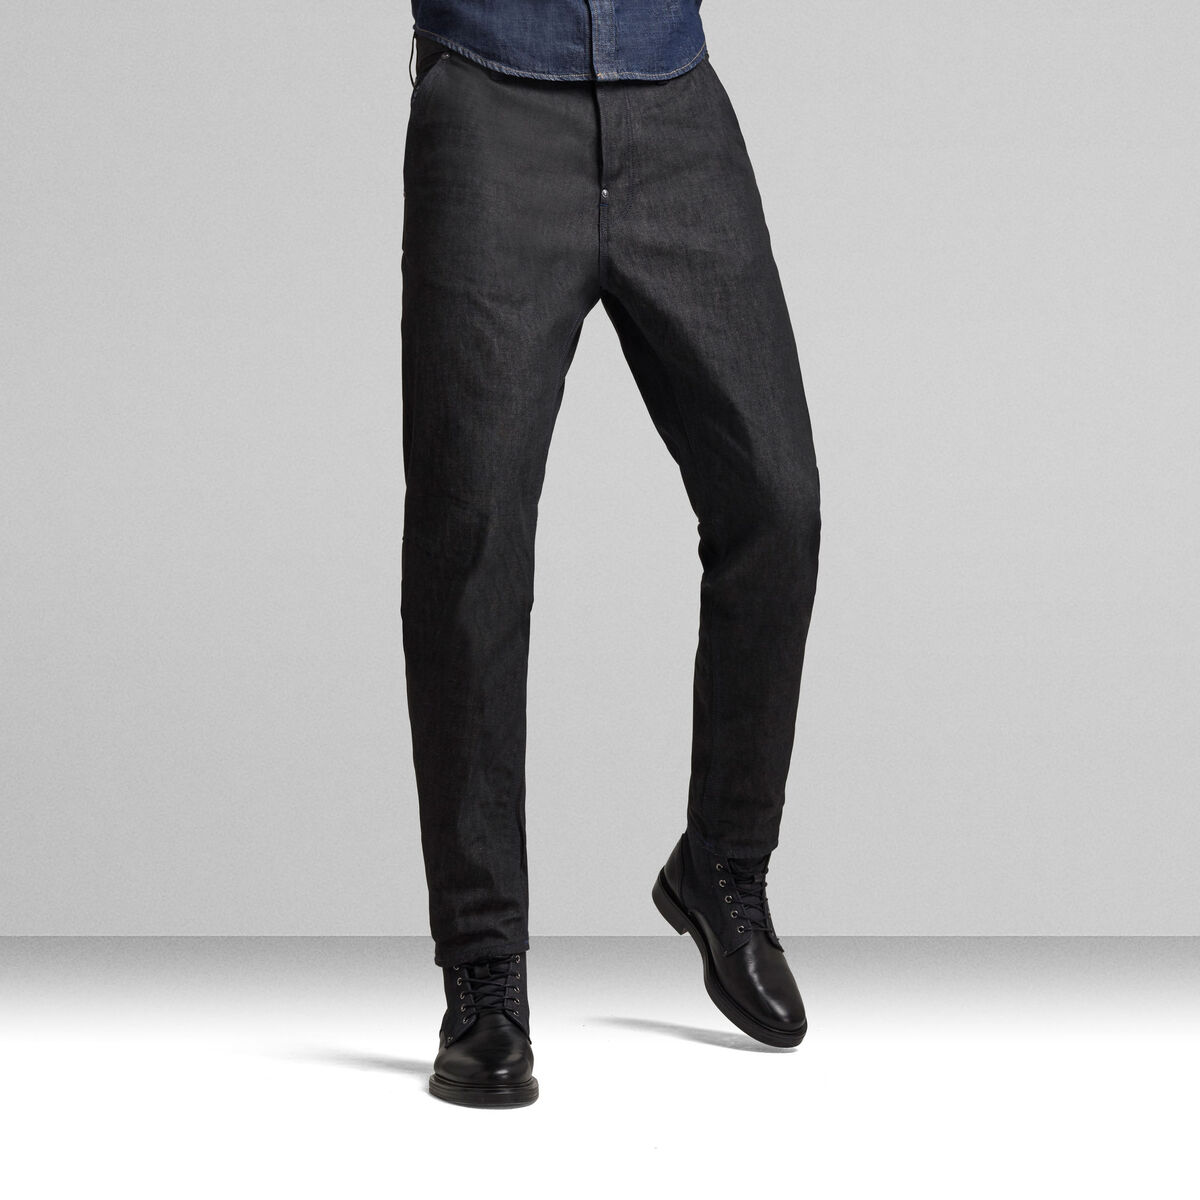 Bild 1 von Grip 3D Relaxed Tapered Jeans